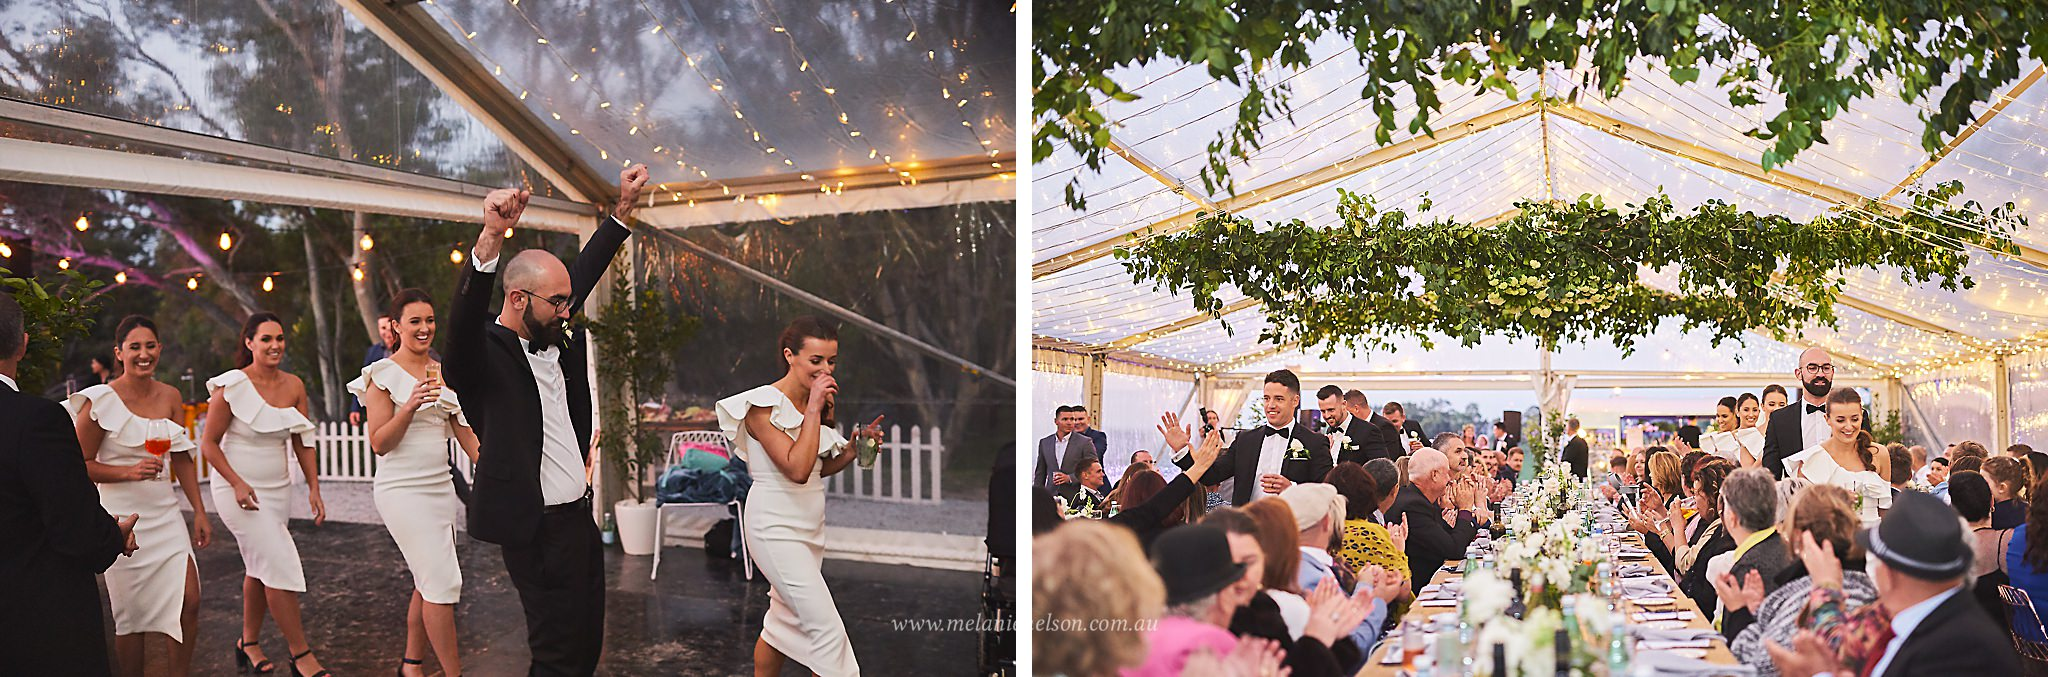 adelaide_hills_wedding_photography_0016.jpg